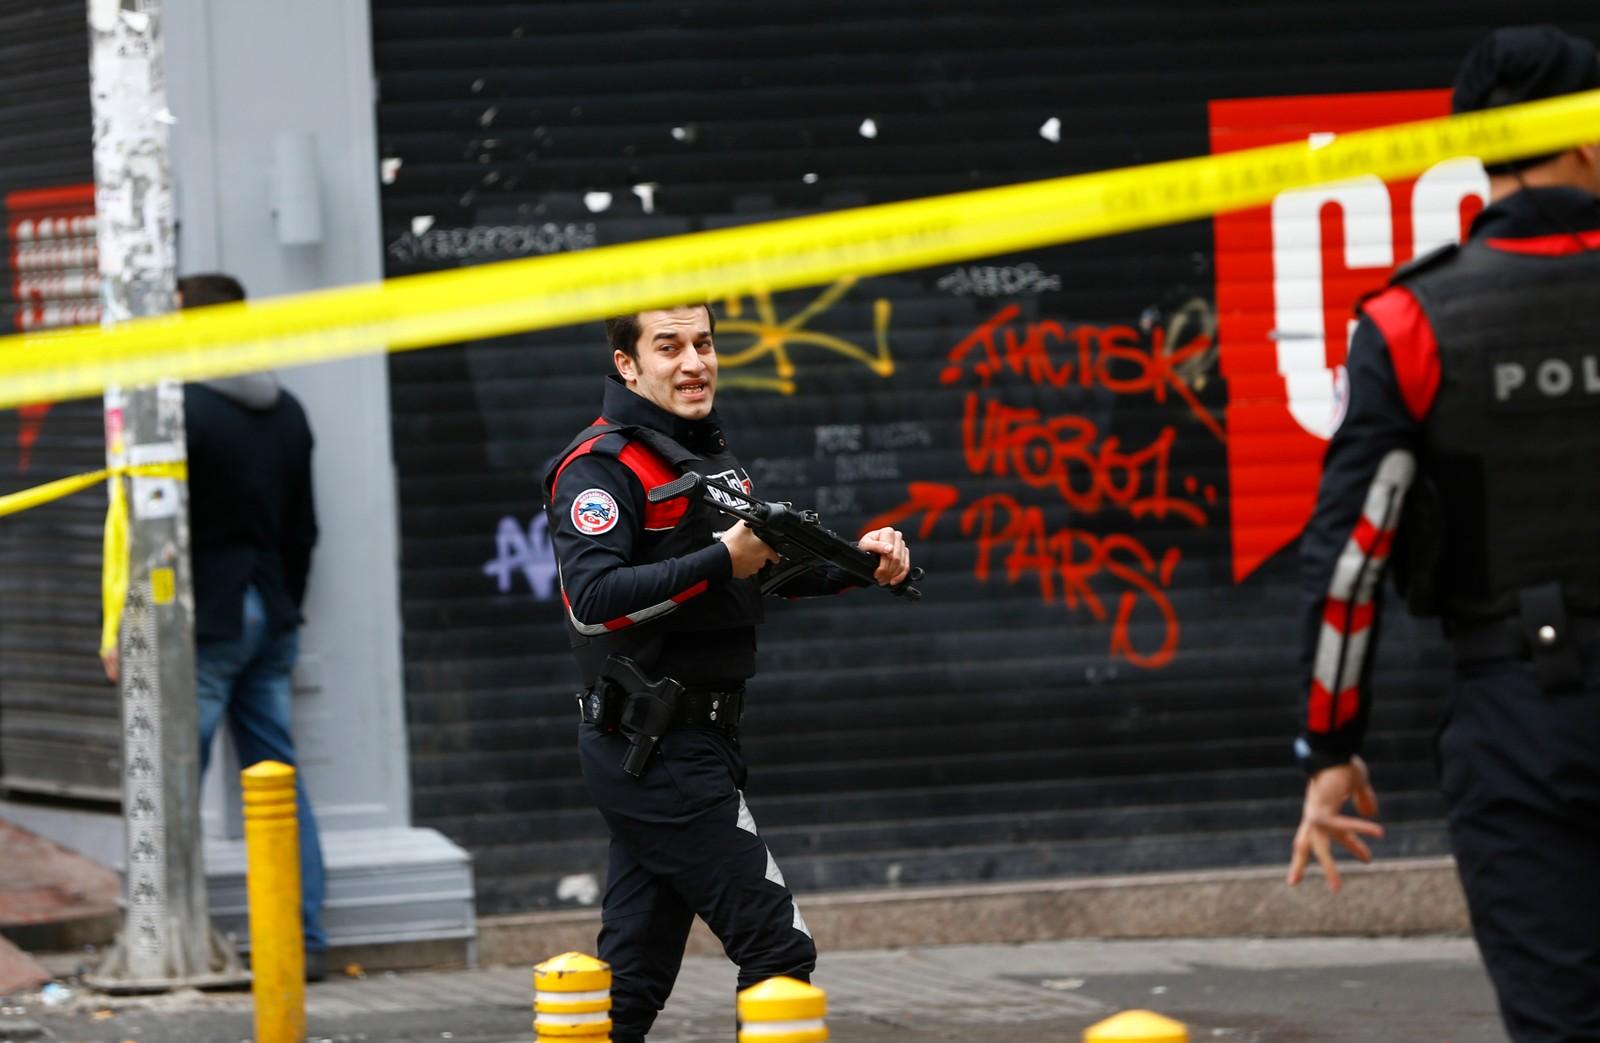 Fem mennesker skal være drept og flere såret etter terrorangrep mot den travle handlegaten Istiklal i hjertet av Istanbul lørdag formiddag.